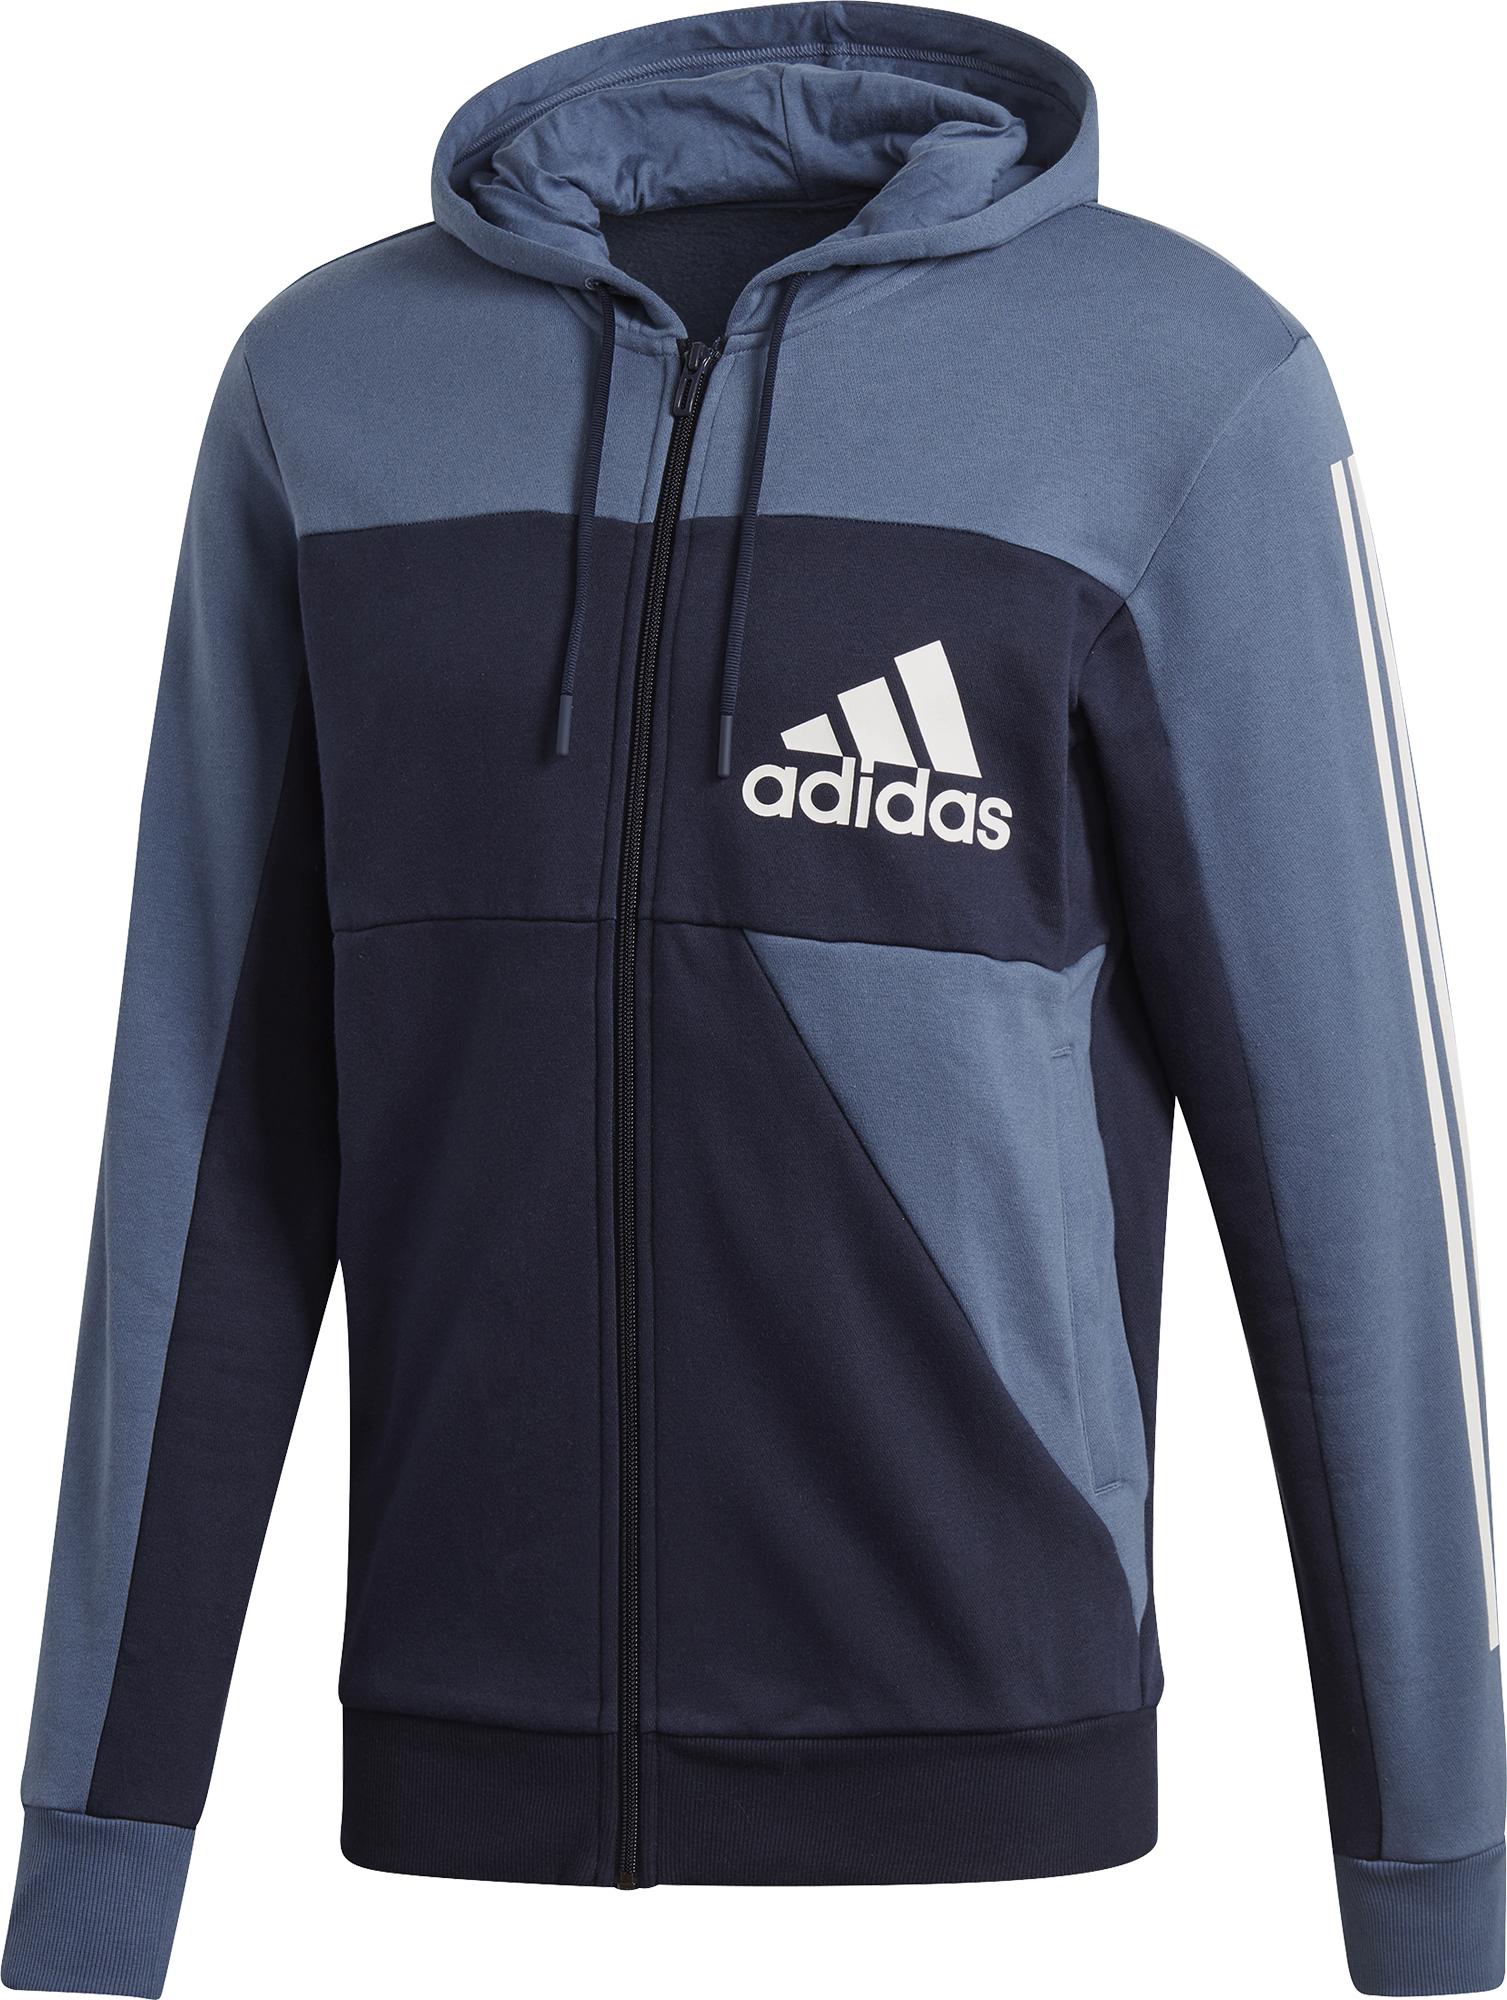 Adidas Толстовка мужская Sport ID, размер 54